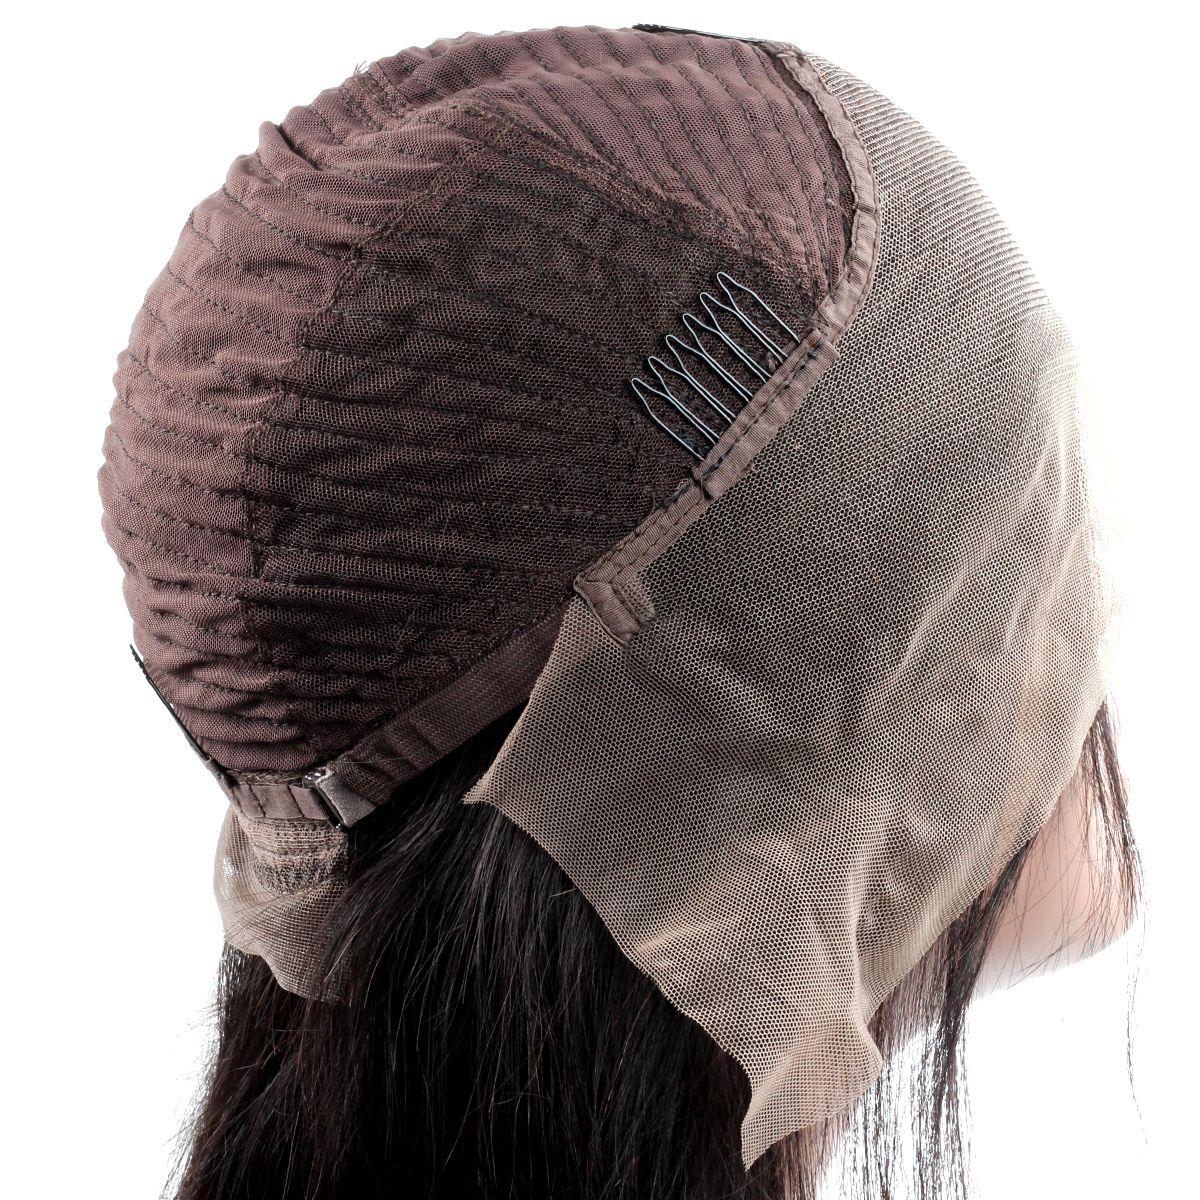 Cheveux humains raides avant de lacet perruques brésiliennes cheveux crépus bouclés avant de lacet perruques moyenne taille suisse Lace Body Body Wave perruques de cheveux humains